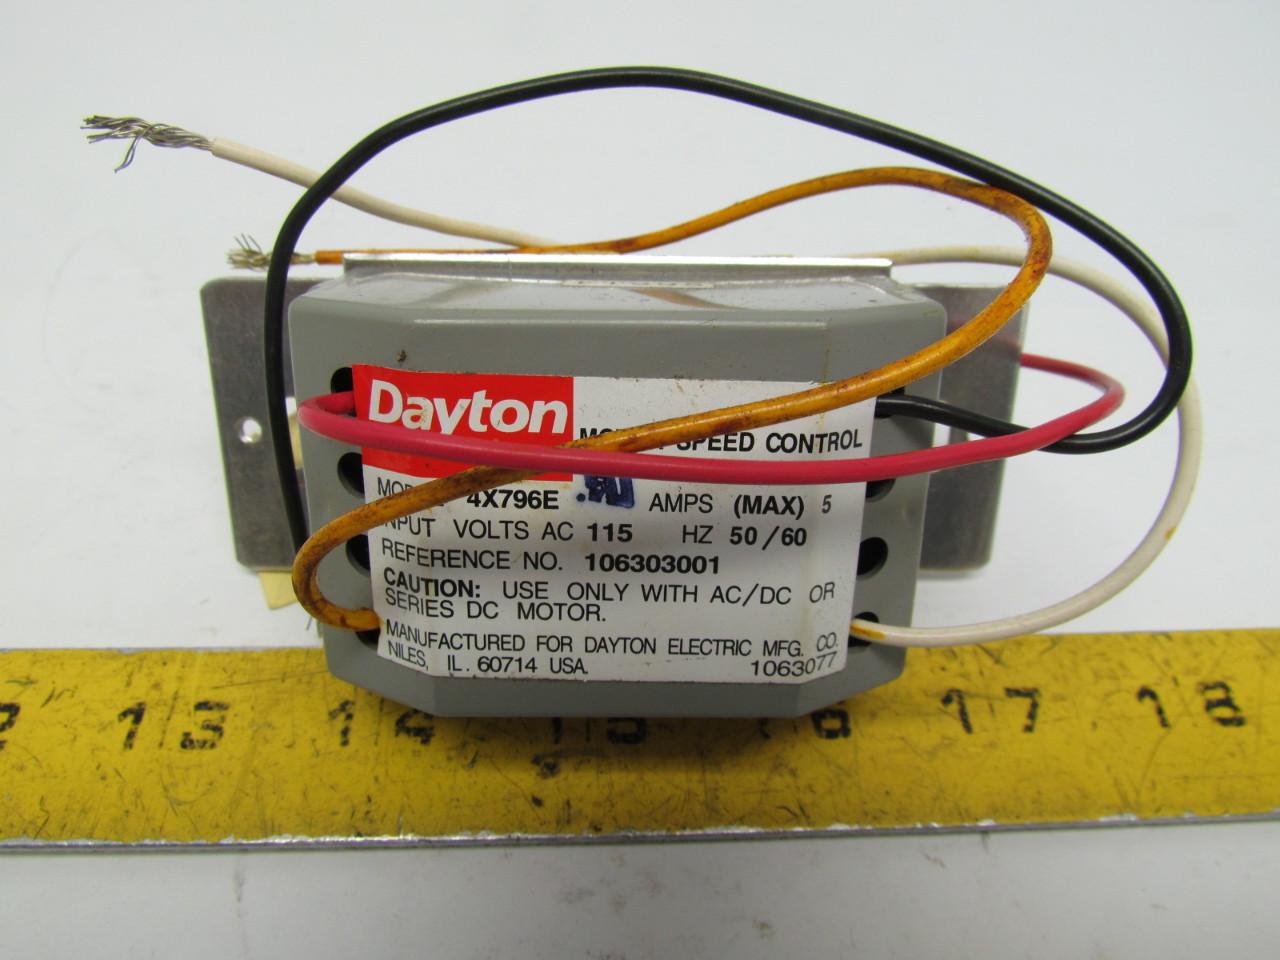 Dayton 4x796e Motor Speed Control 115v 50 60 Hz Ebay